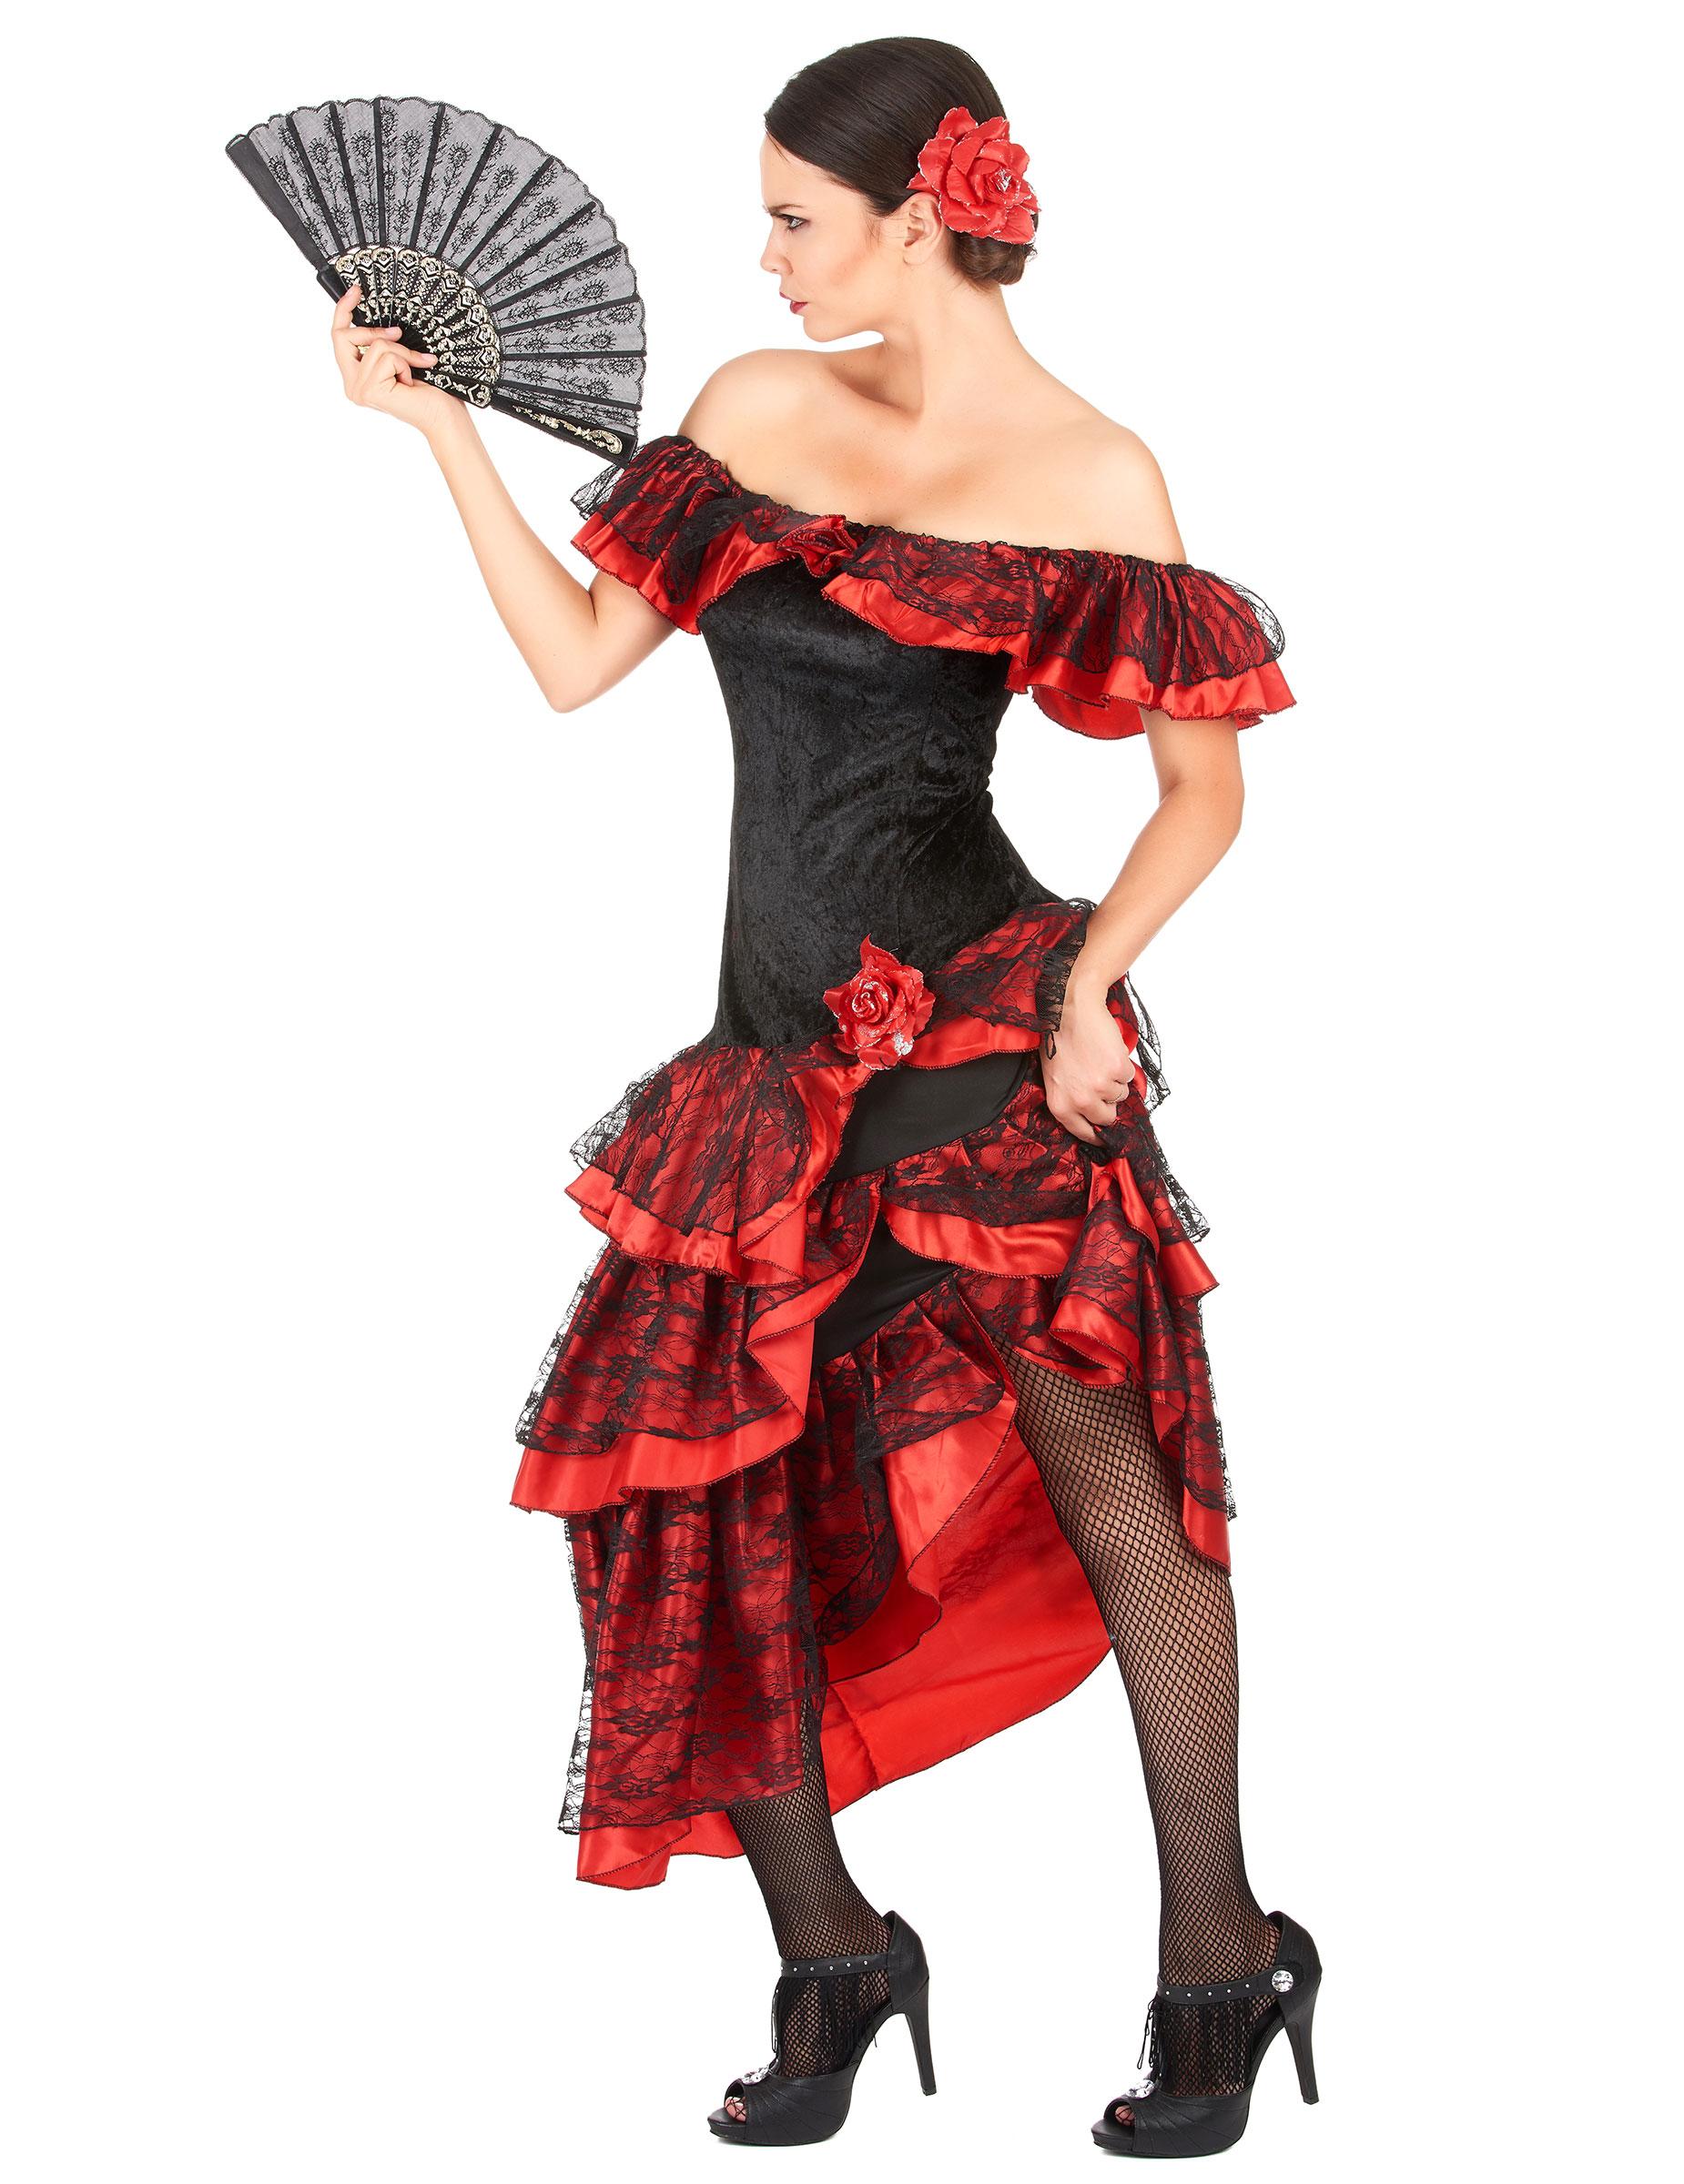 bde55cd6be31c Costume danzatrice di flamenco donna rossa e nera  Costumi adulti